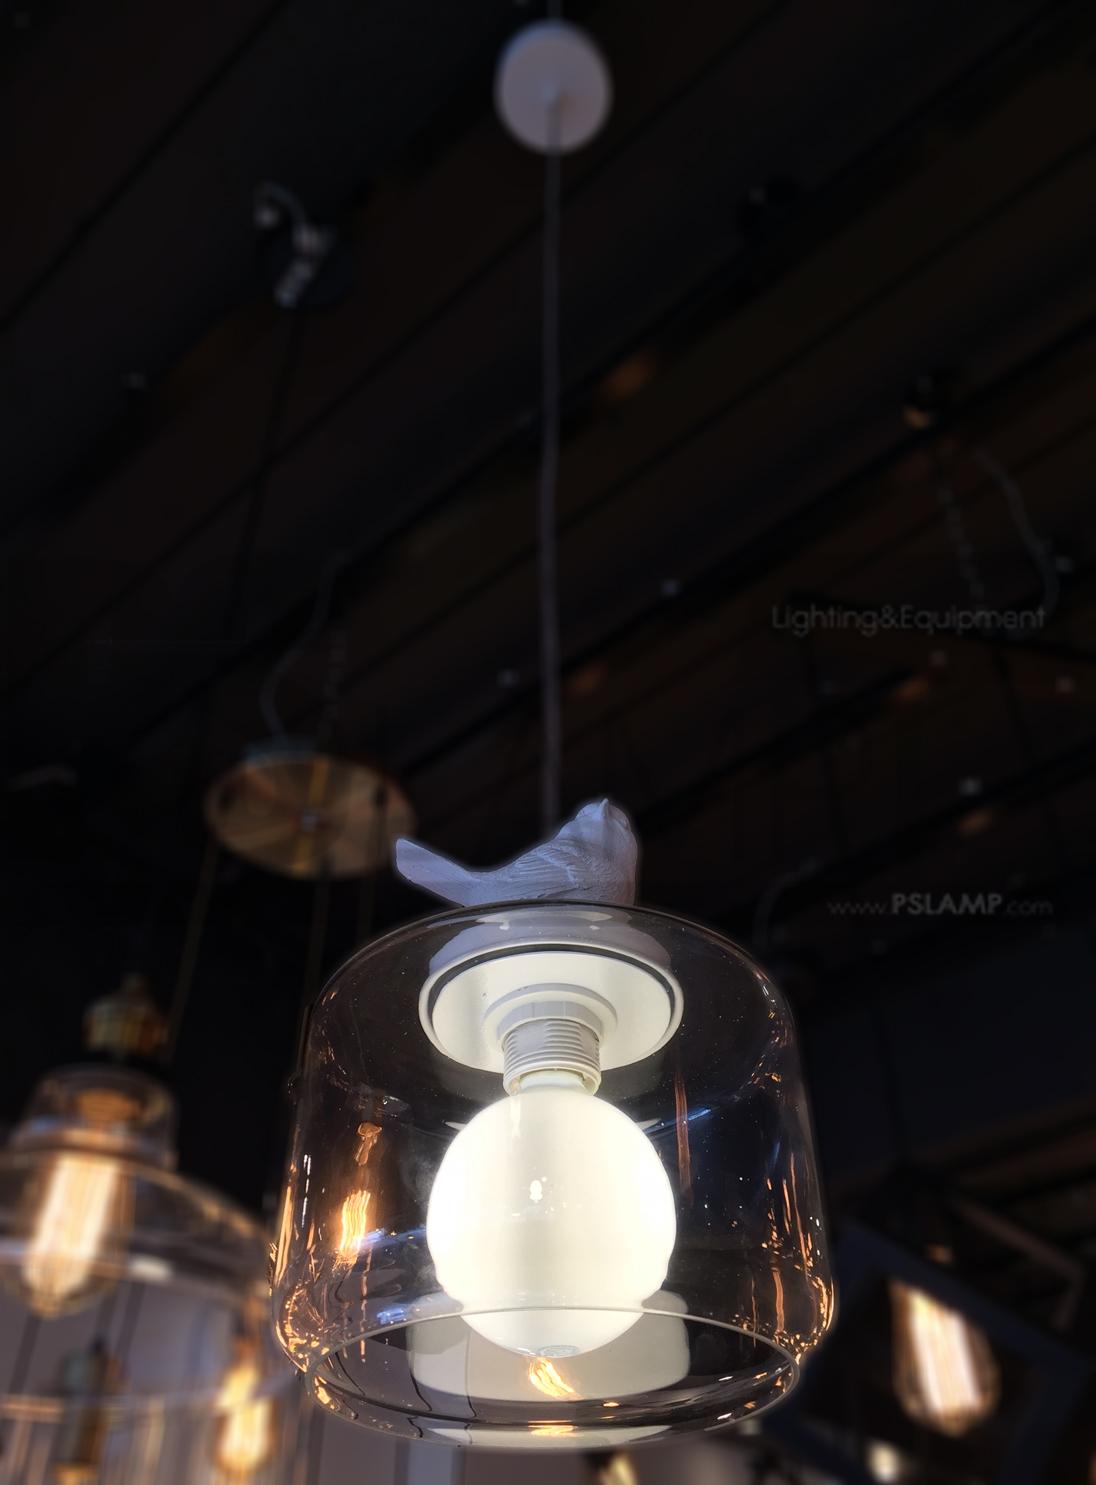 โคมไฟเพดาน โคมไฟห้อย โคมไฟแขวน LFA1004